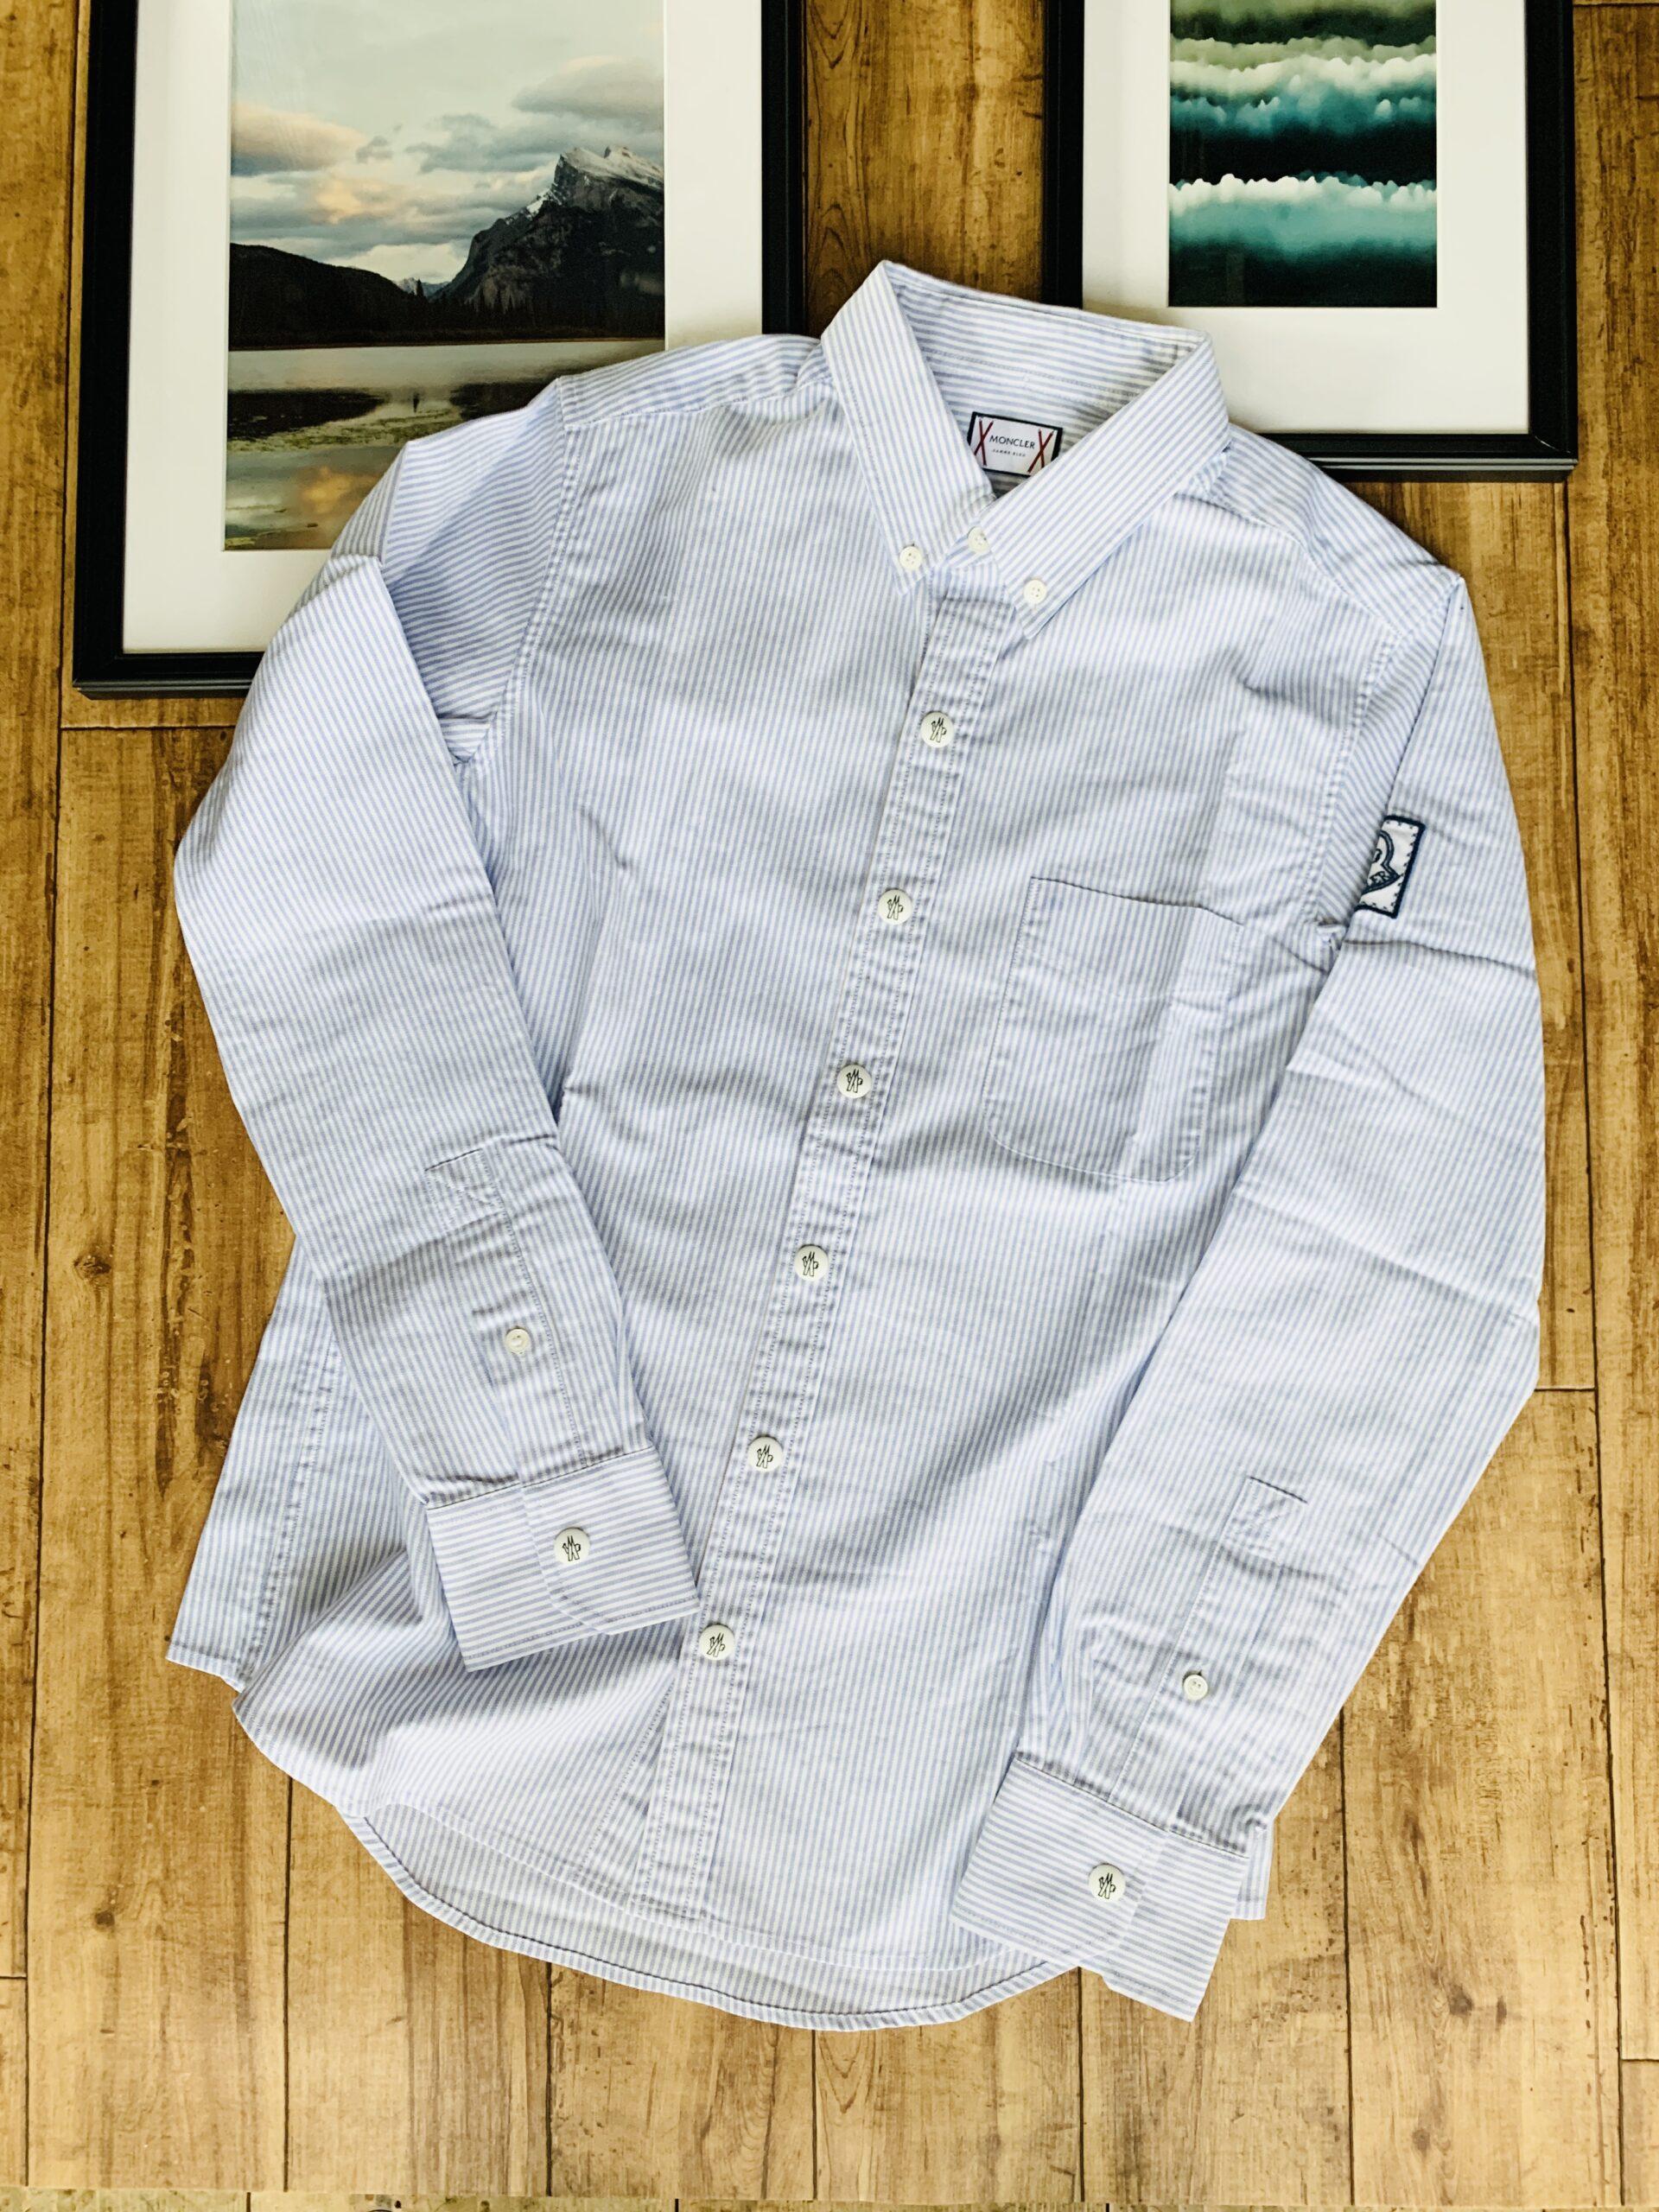 モンクレール ガムブルー ボタンダウンシャツ